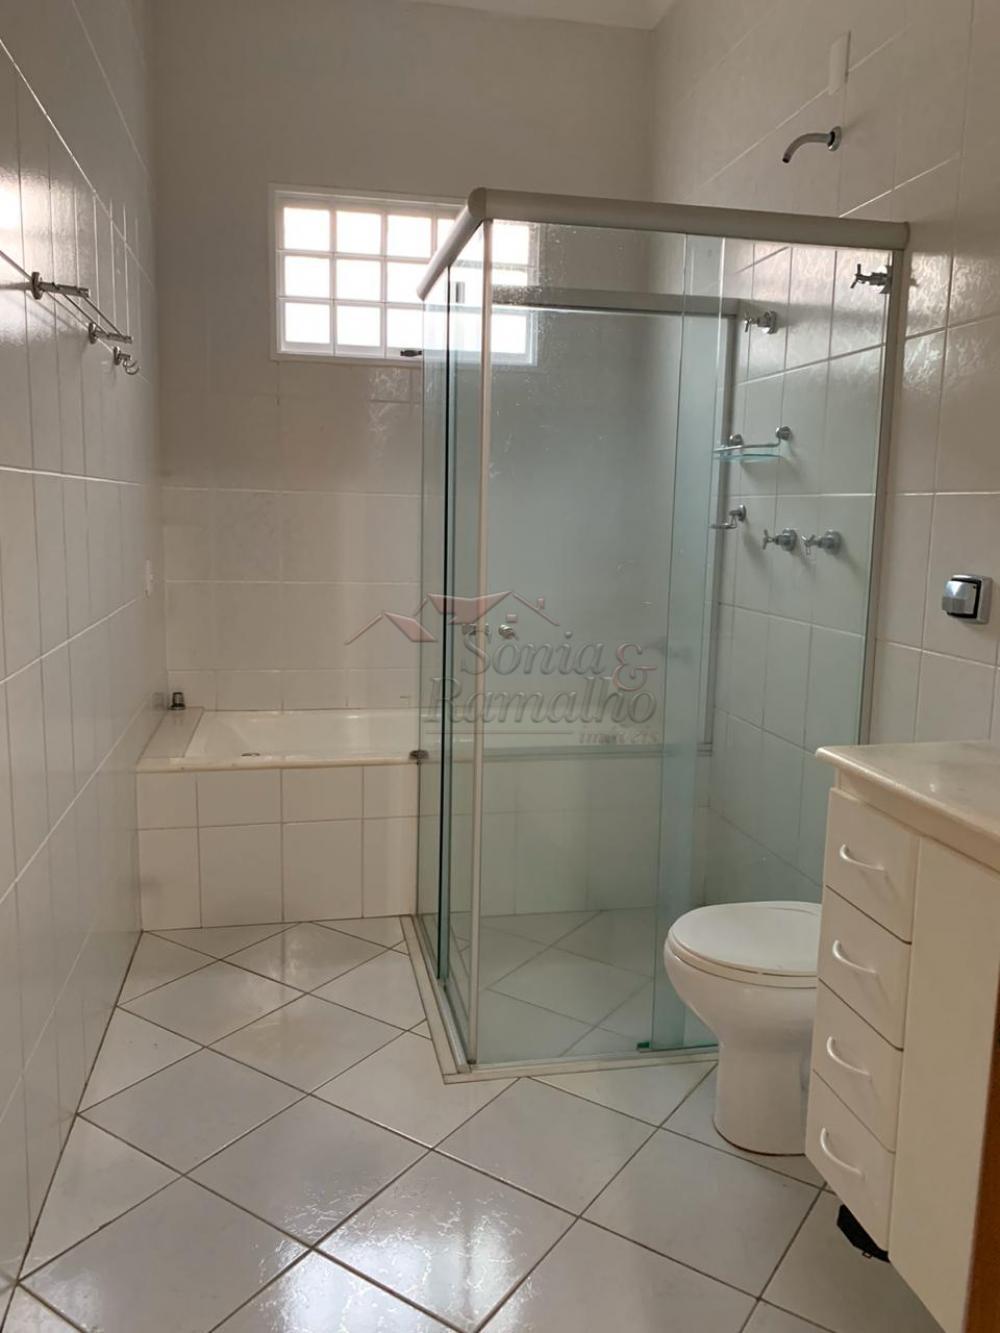 Alugar Casas / Padrão em Ribeirão Preto apenas R$ 3.600,00 - Foto 18